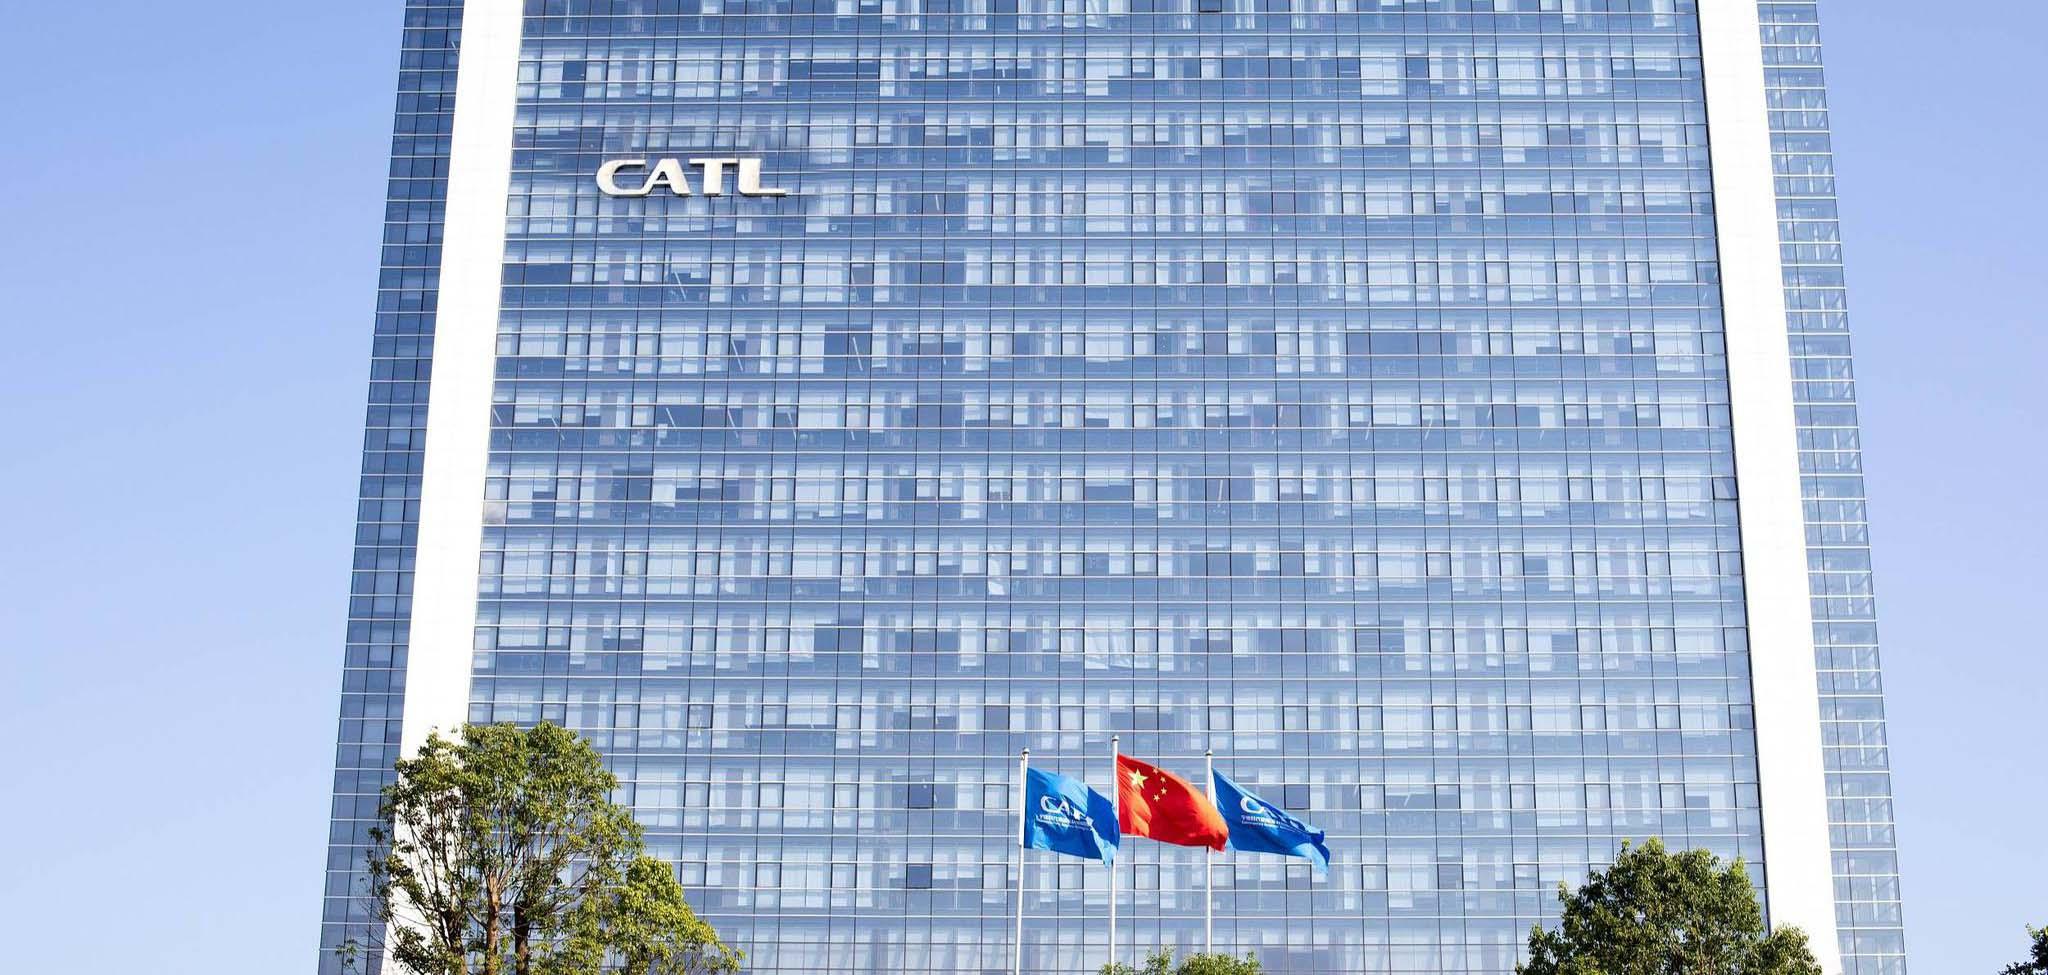 布局厦门 注册资本5亿元,宁德时代在厦门成立新能源公司